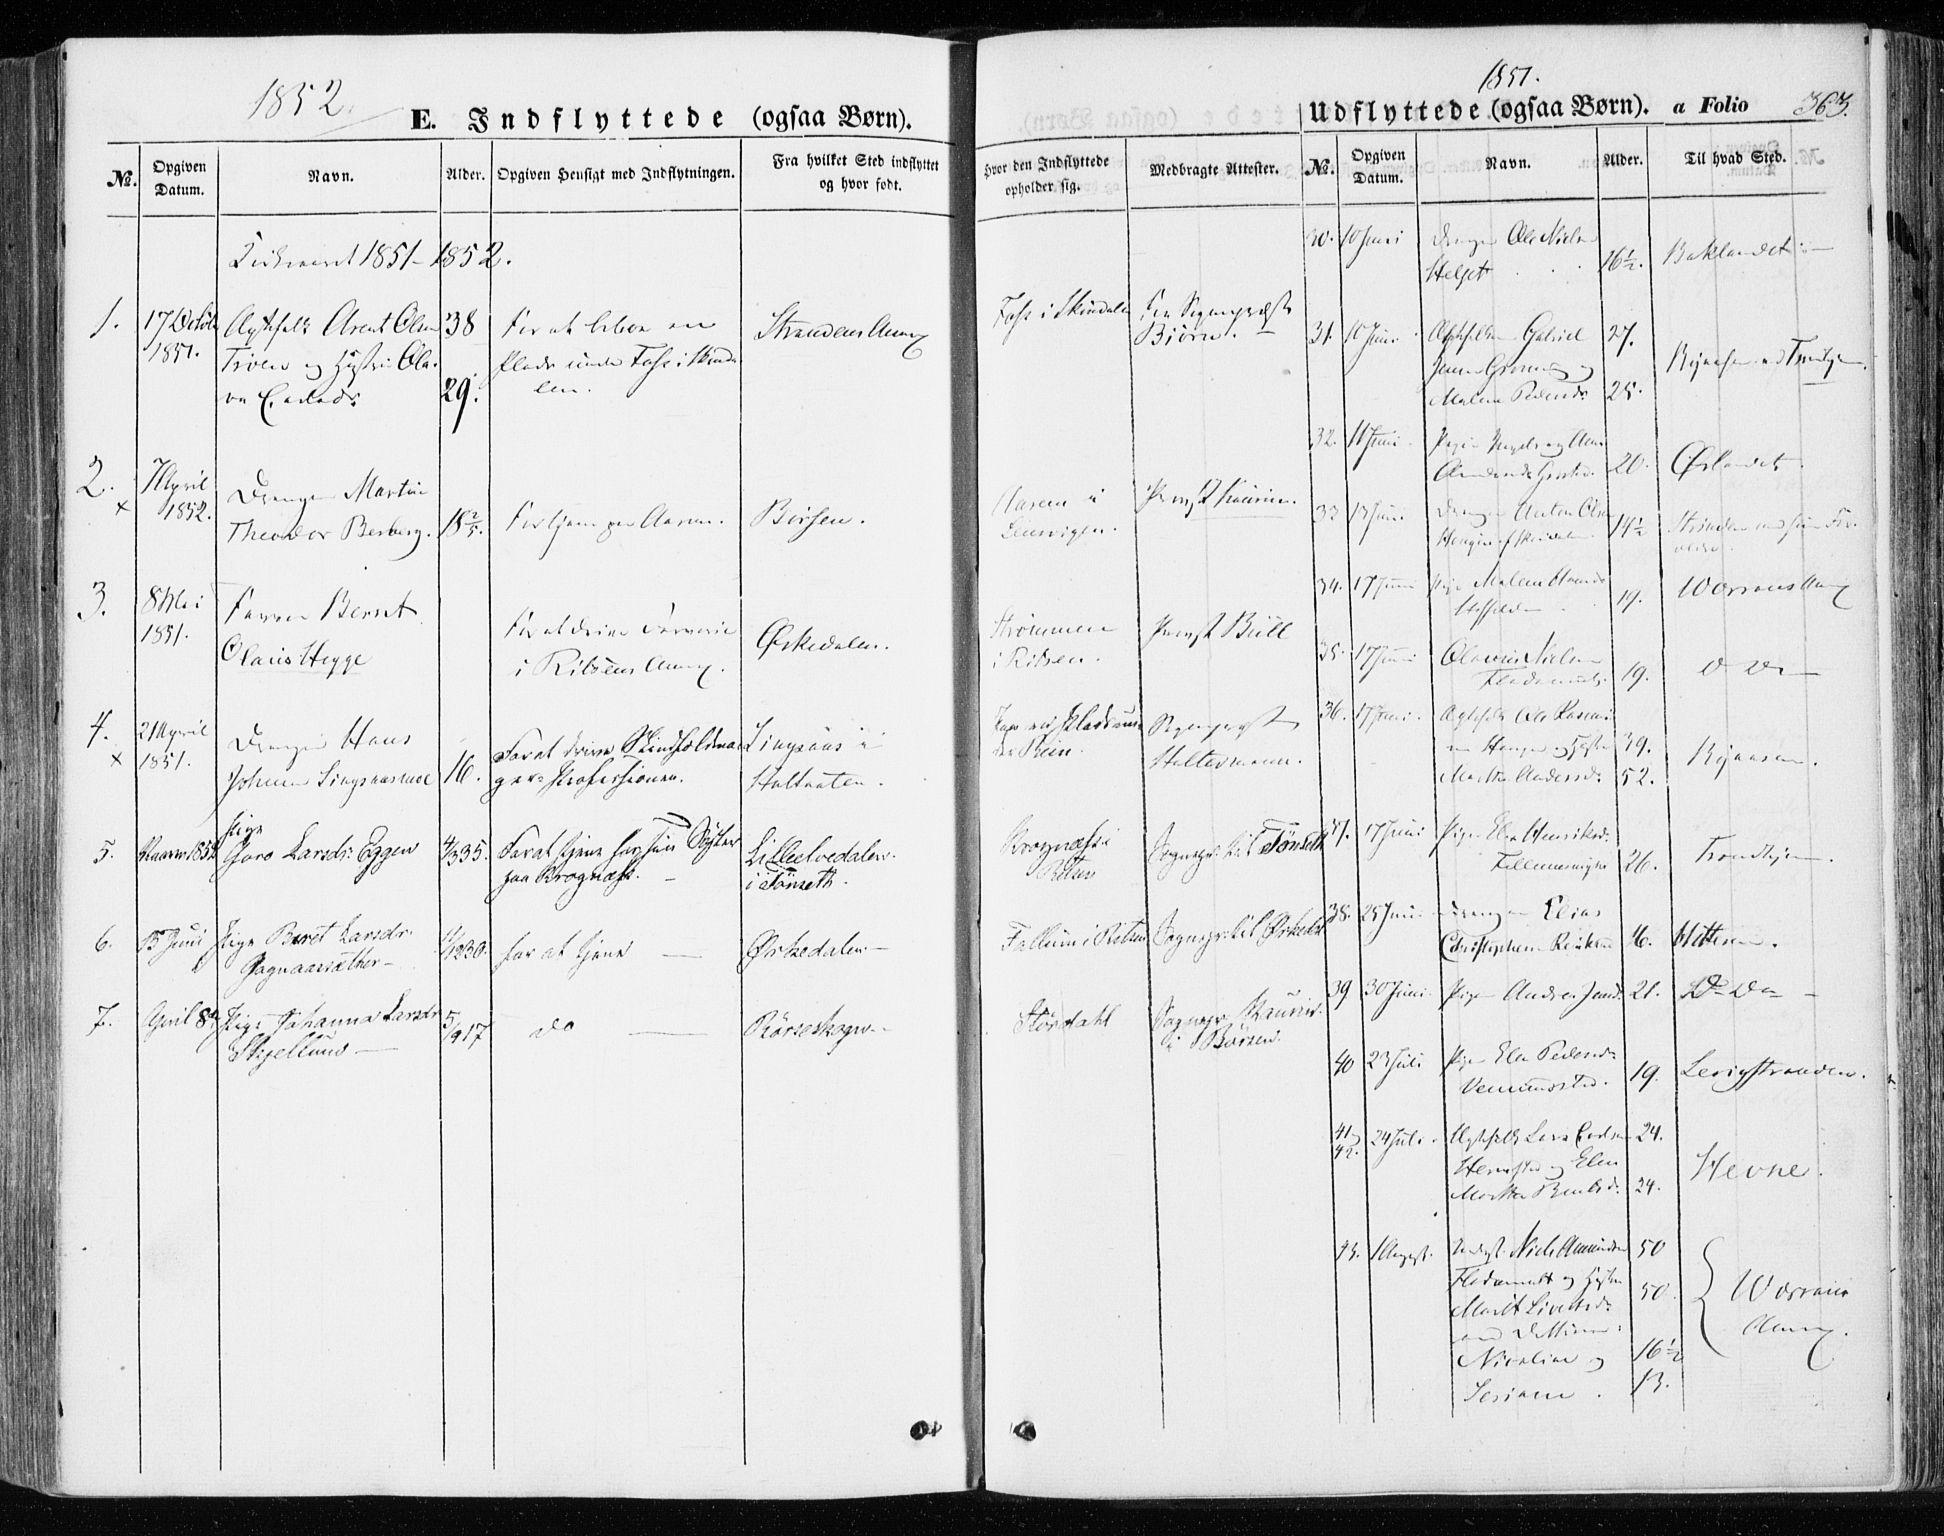 SAT, Ministerialprotokoller, klokkerbøker og fødselsregistre - Sør-Trøndelag, 646/L0611: Ministerialbok nr. 646A09, 1848-1857, s. 363